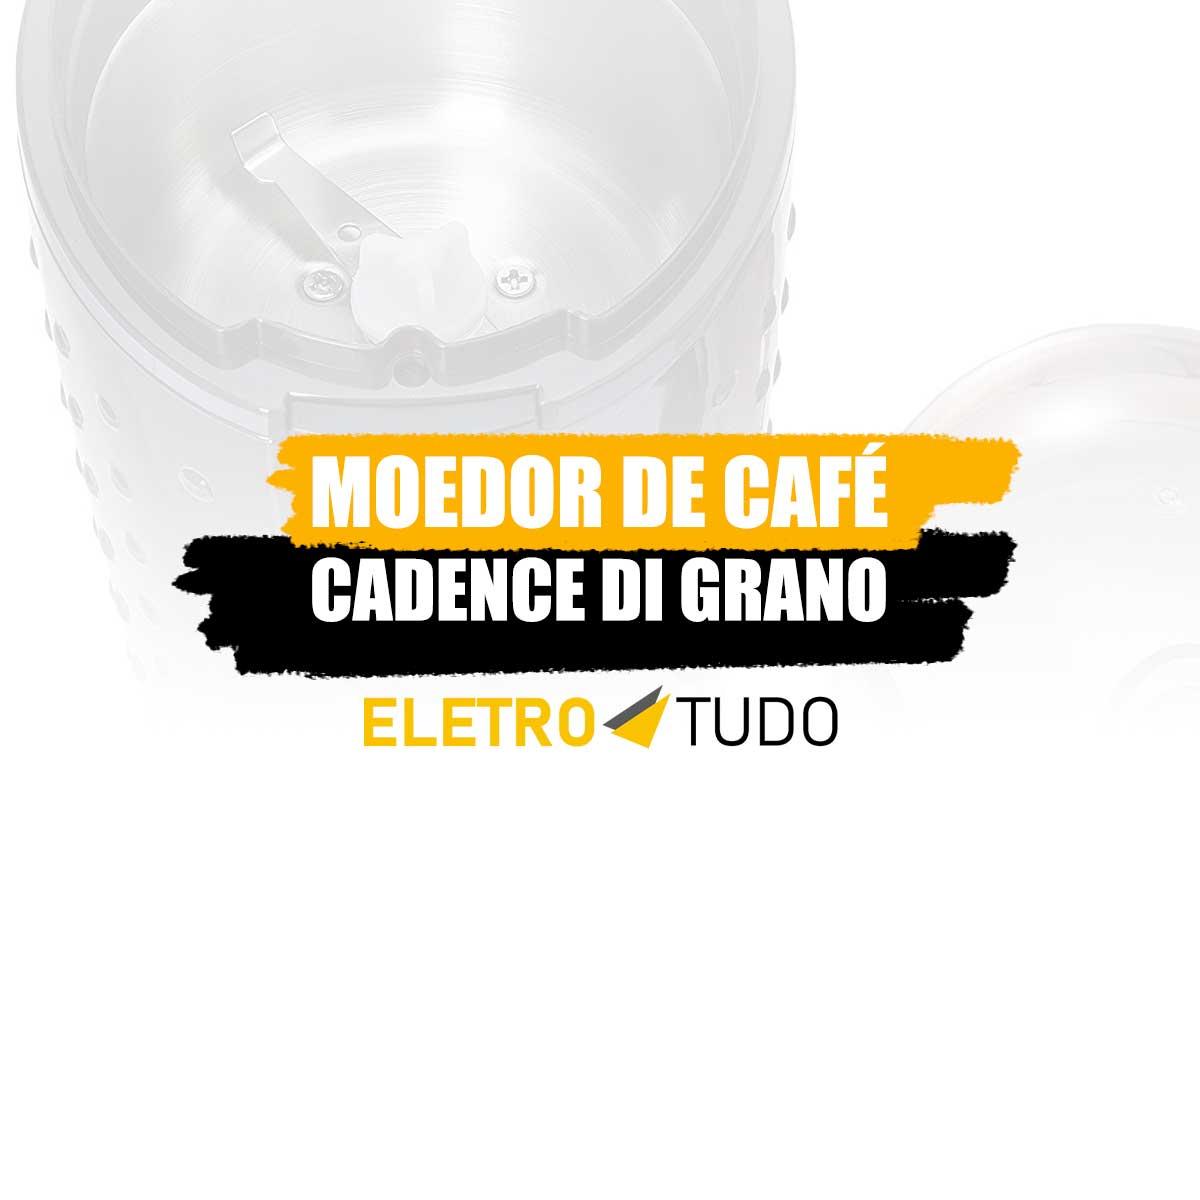 avaliacao moedor de café eletrico cadence di grano